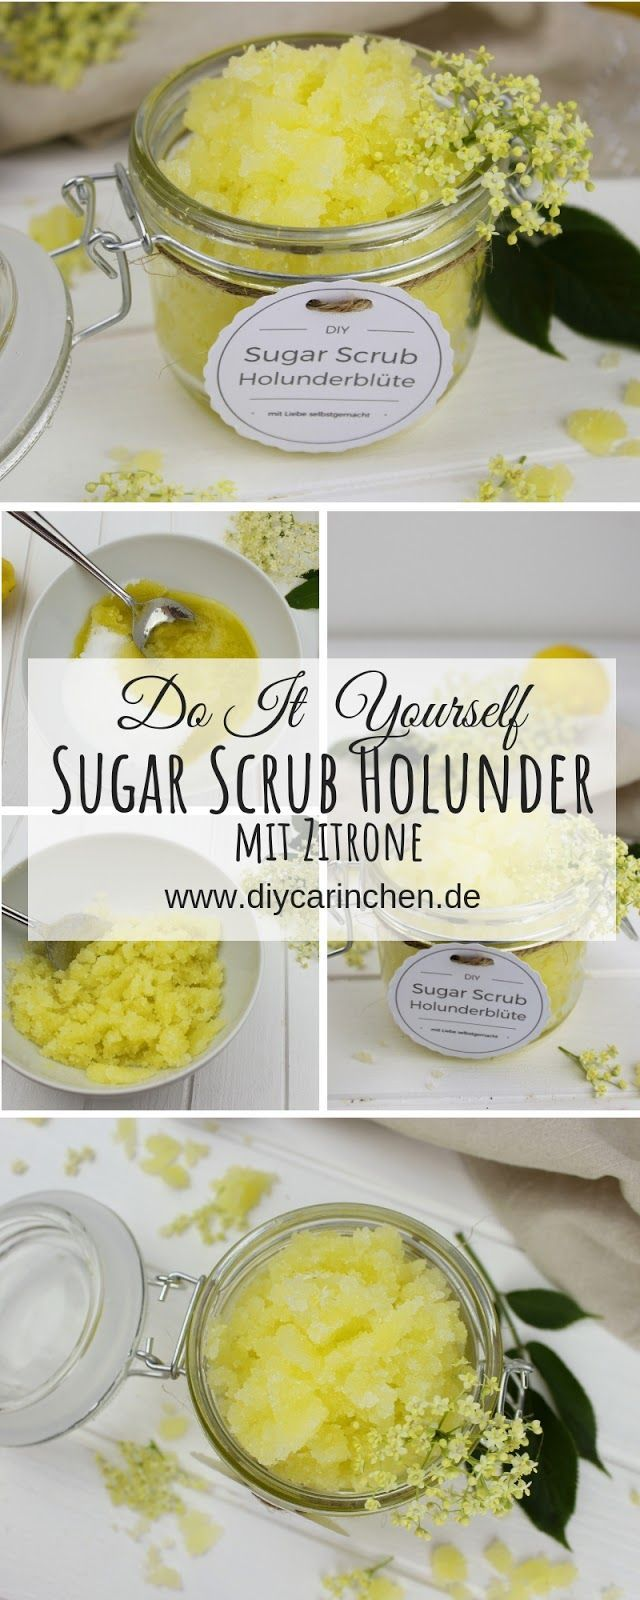 DIY – Holunderblüten Zitronen Sugar Scrub schnell und einfach selber machen + gratis Etikett